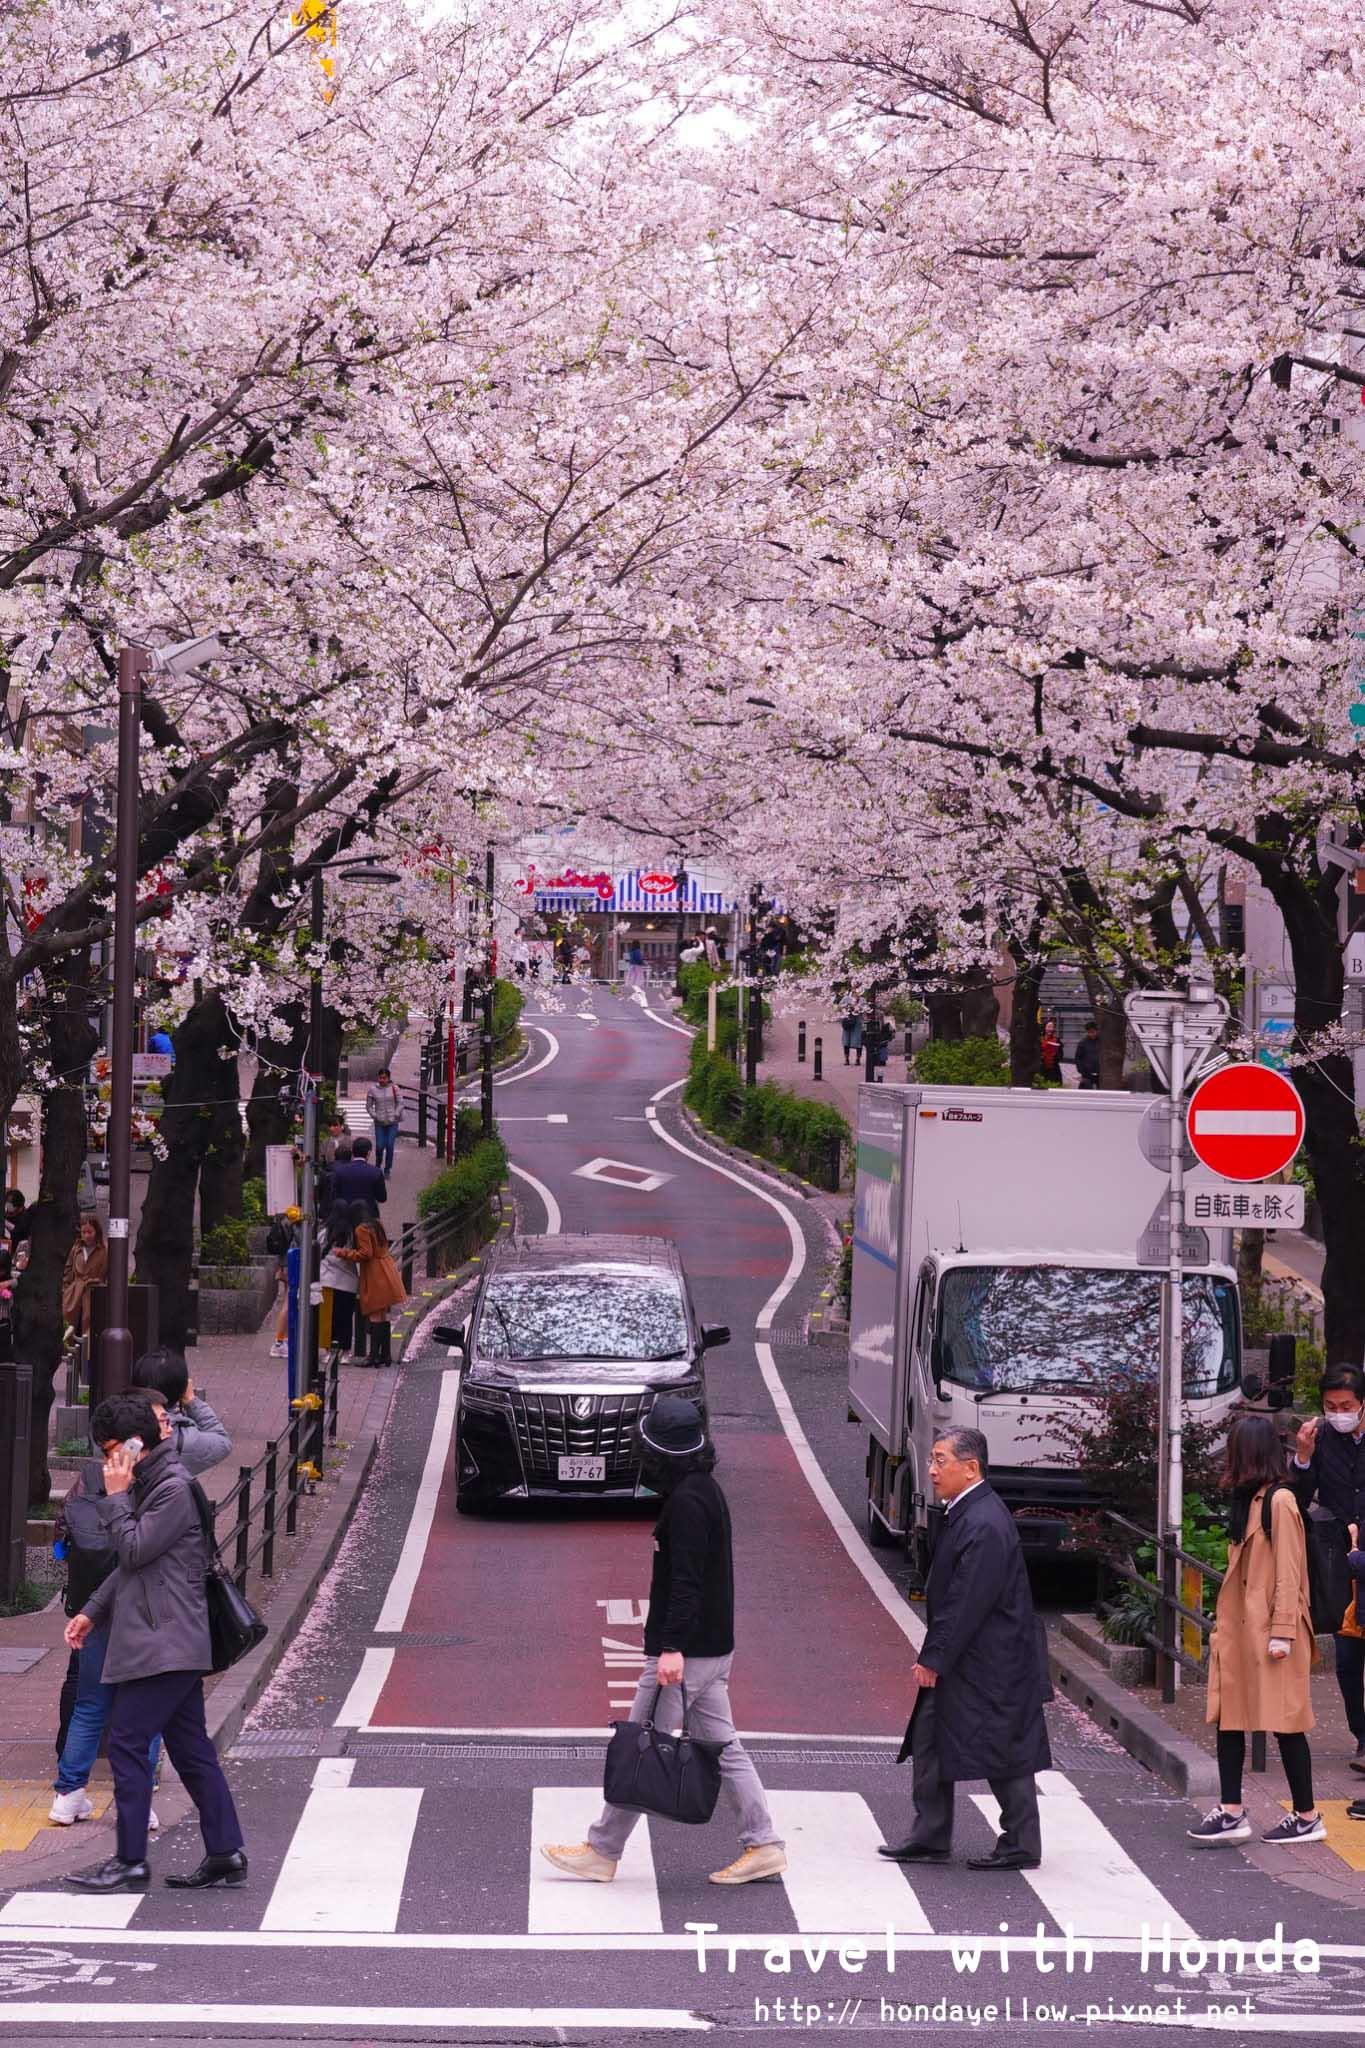 日本-你絕對會愛上的12個東京賞櫻景點-渋谷櫻花道.jpg